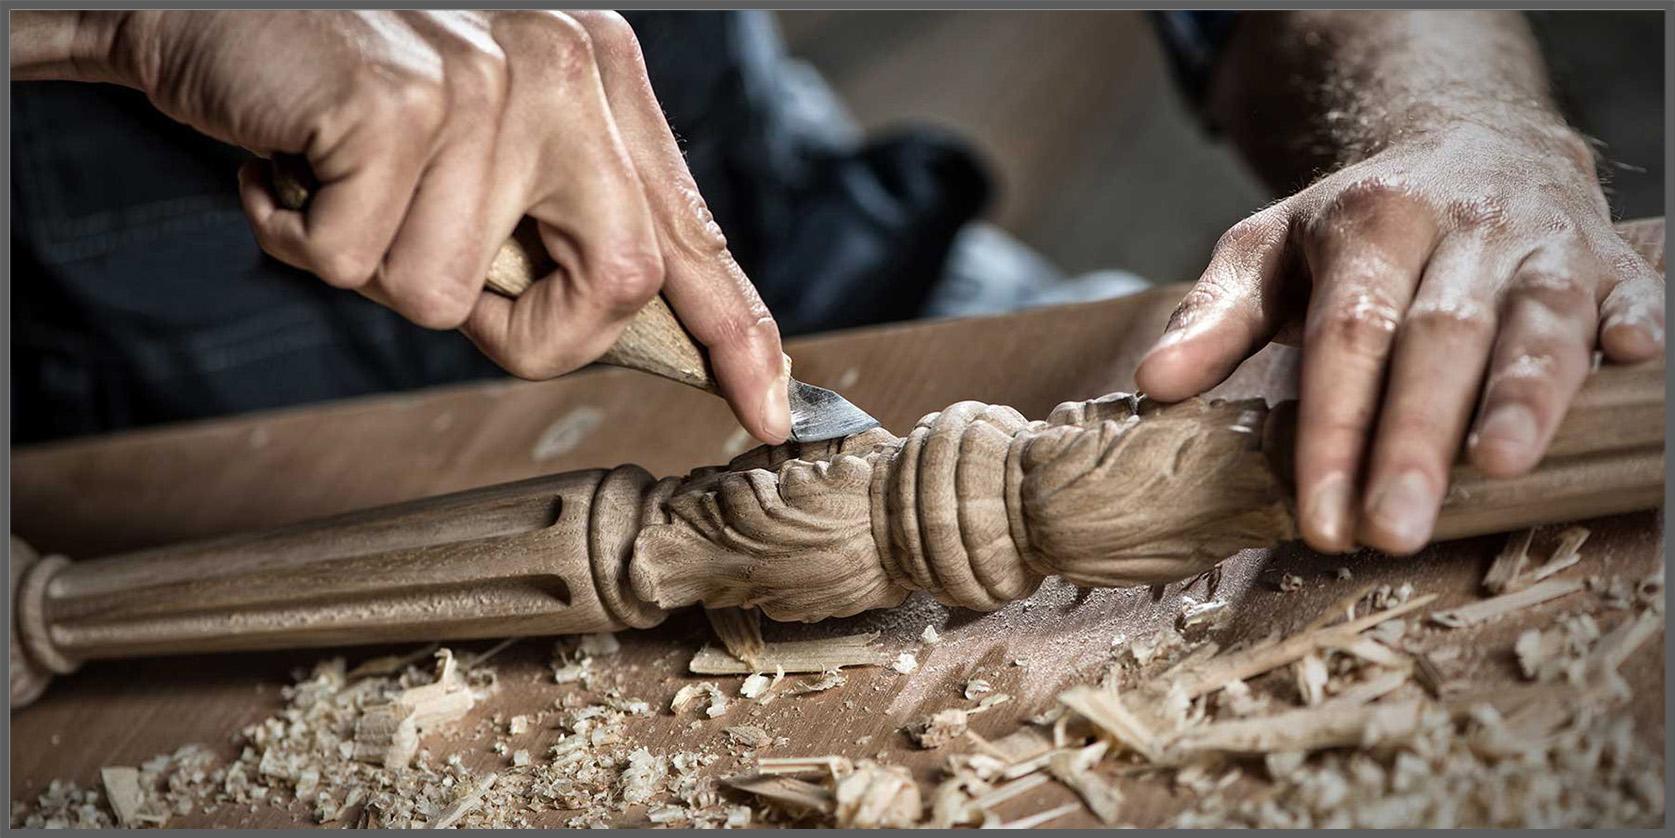 Arredamento Made In Italy.Il Fascino Dell Artigianato Made In Italy Progettazione Casa